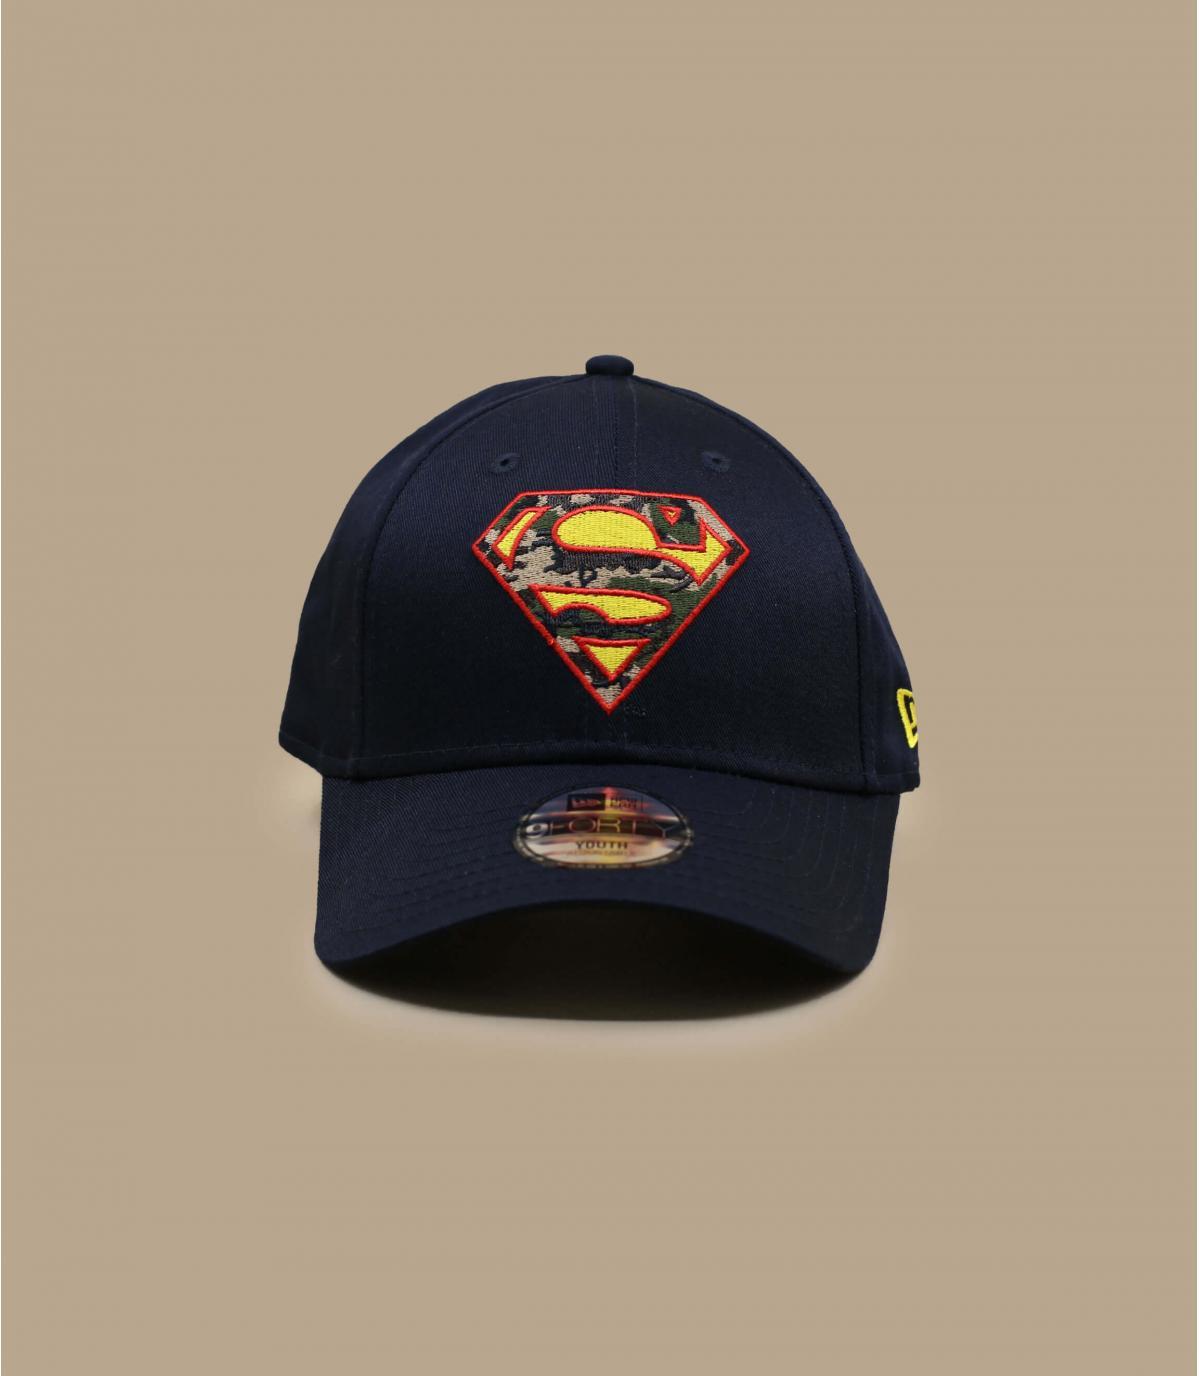 Details Cap Kids Superman Infiill 940 navy - Abbildung 2